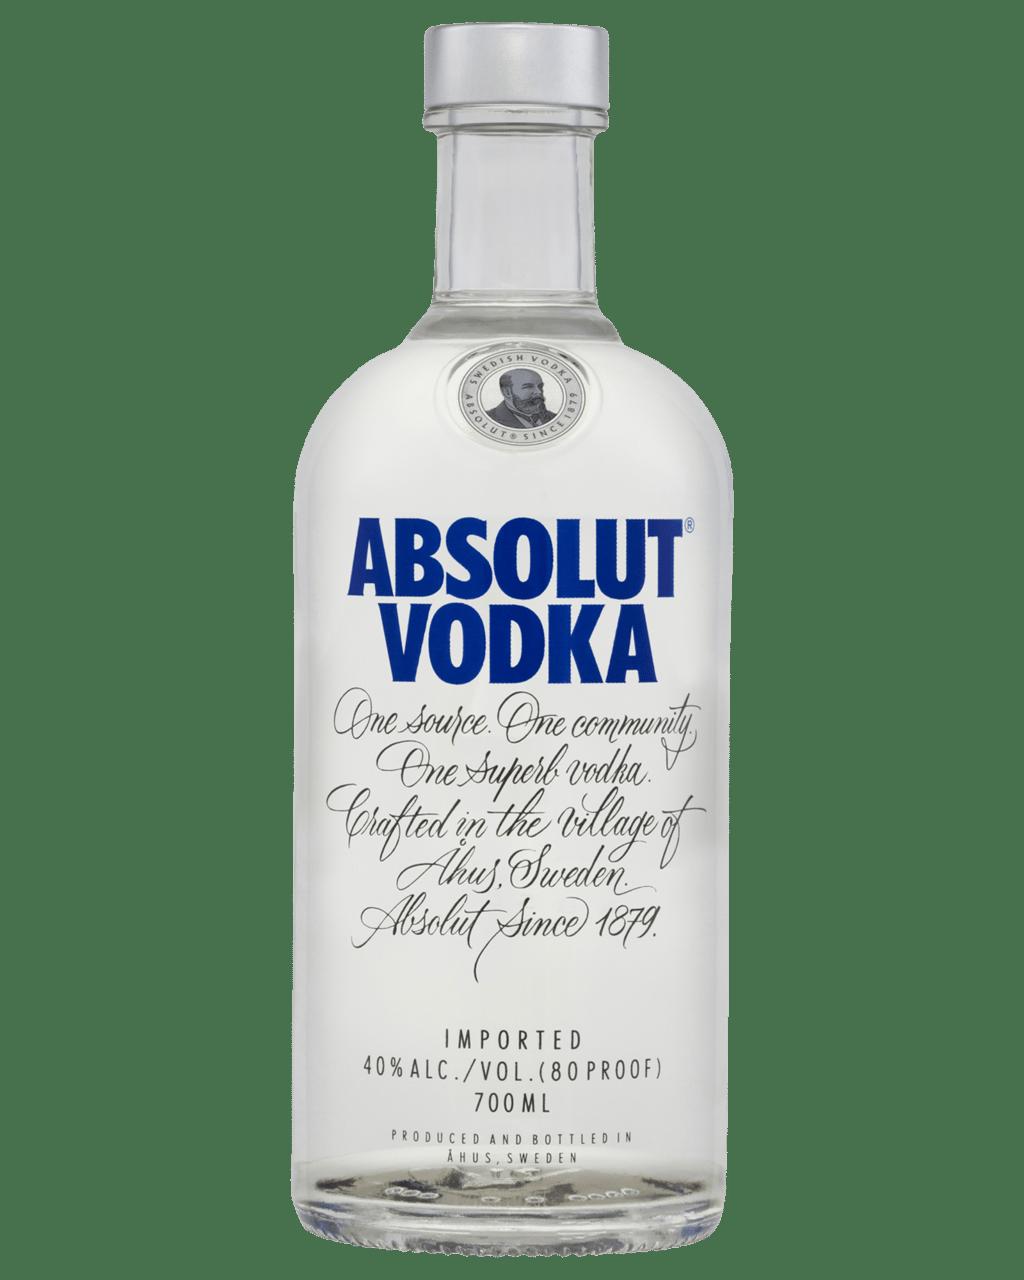 895a9b709 Absolut Vodka 700mL | Dan Murphy's | Buy Wine, Champagne, Beer ...